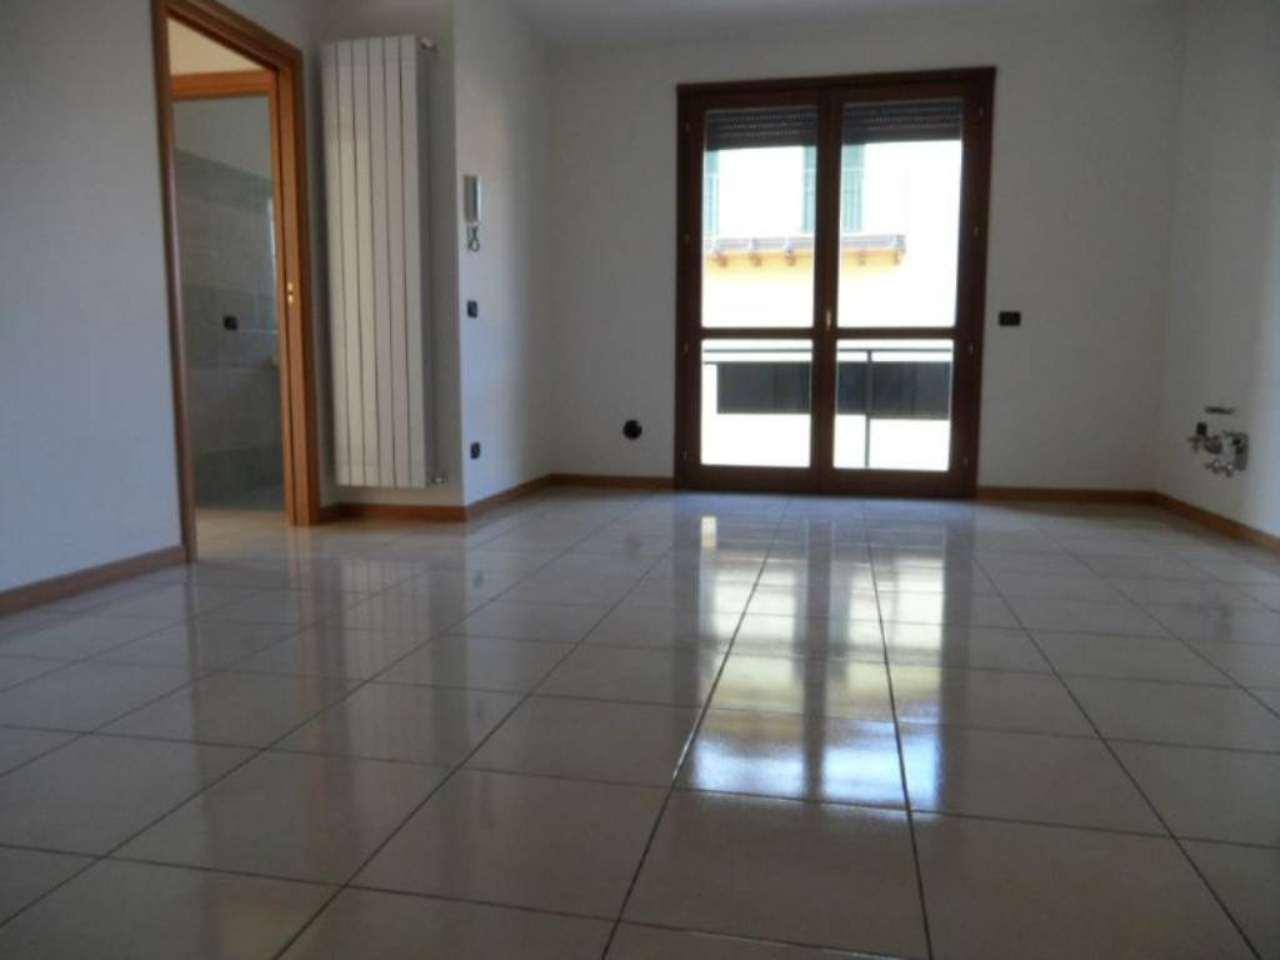 Appartamento in vendita a Montello, 3 locali, prezzo € 110.000 | CambioCasa.it